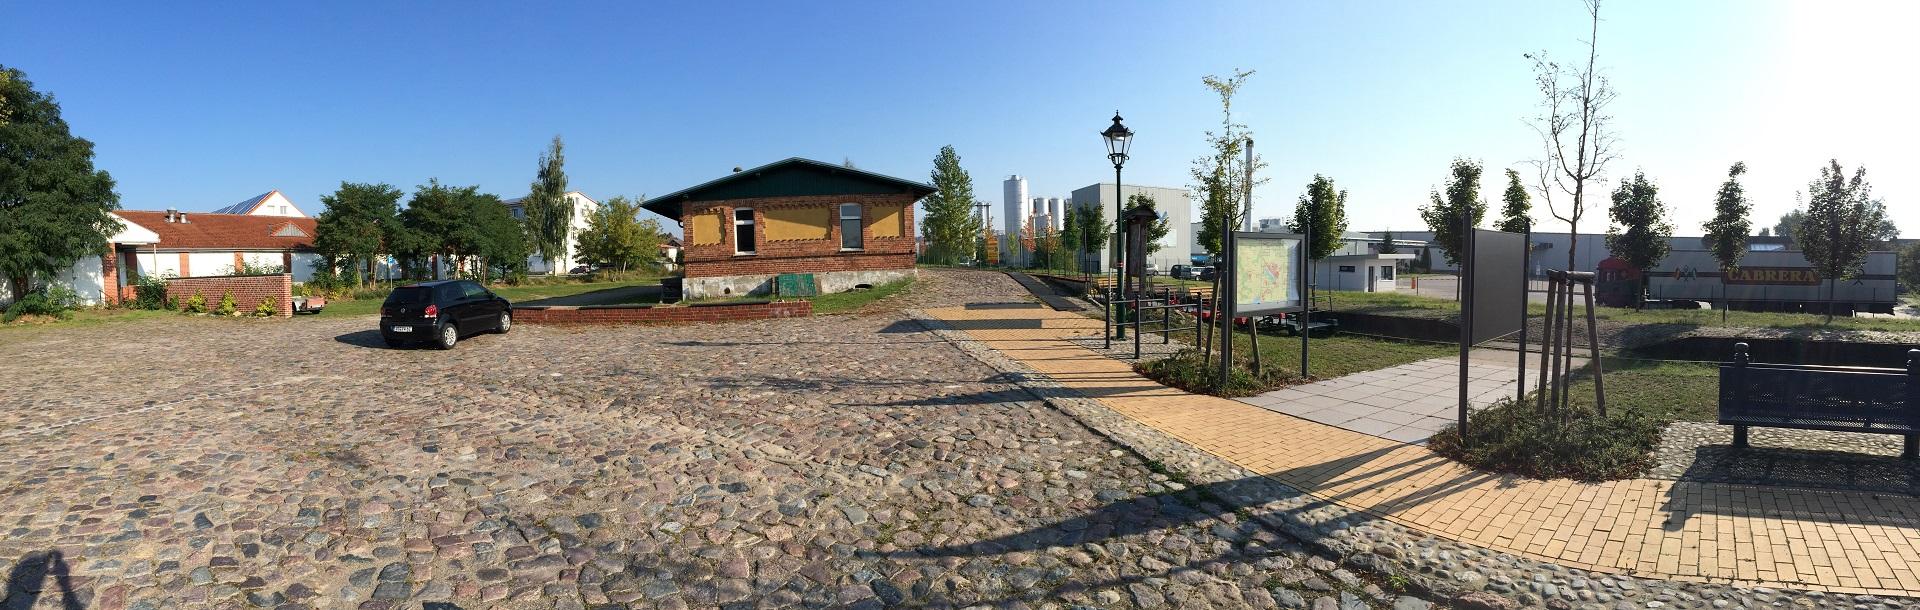 naturpark draisine dargun die landschaft der mecklenburgischen schweiz neu erleben. Black Bedroom Furniture Sets. Home Design Ideas